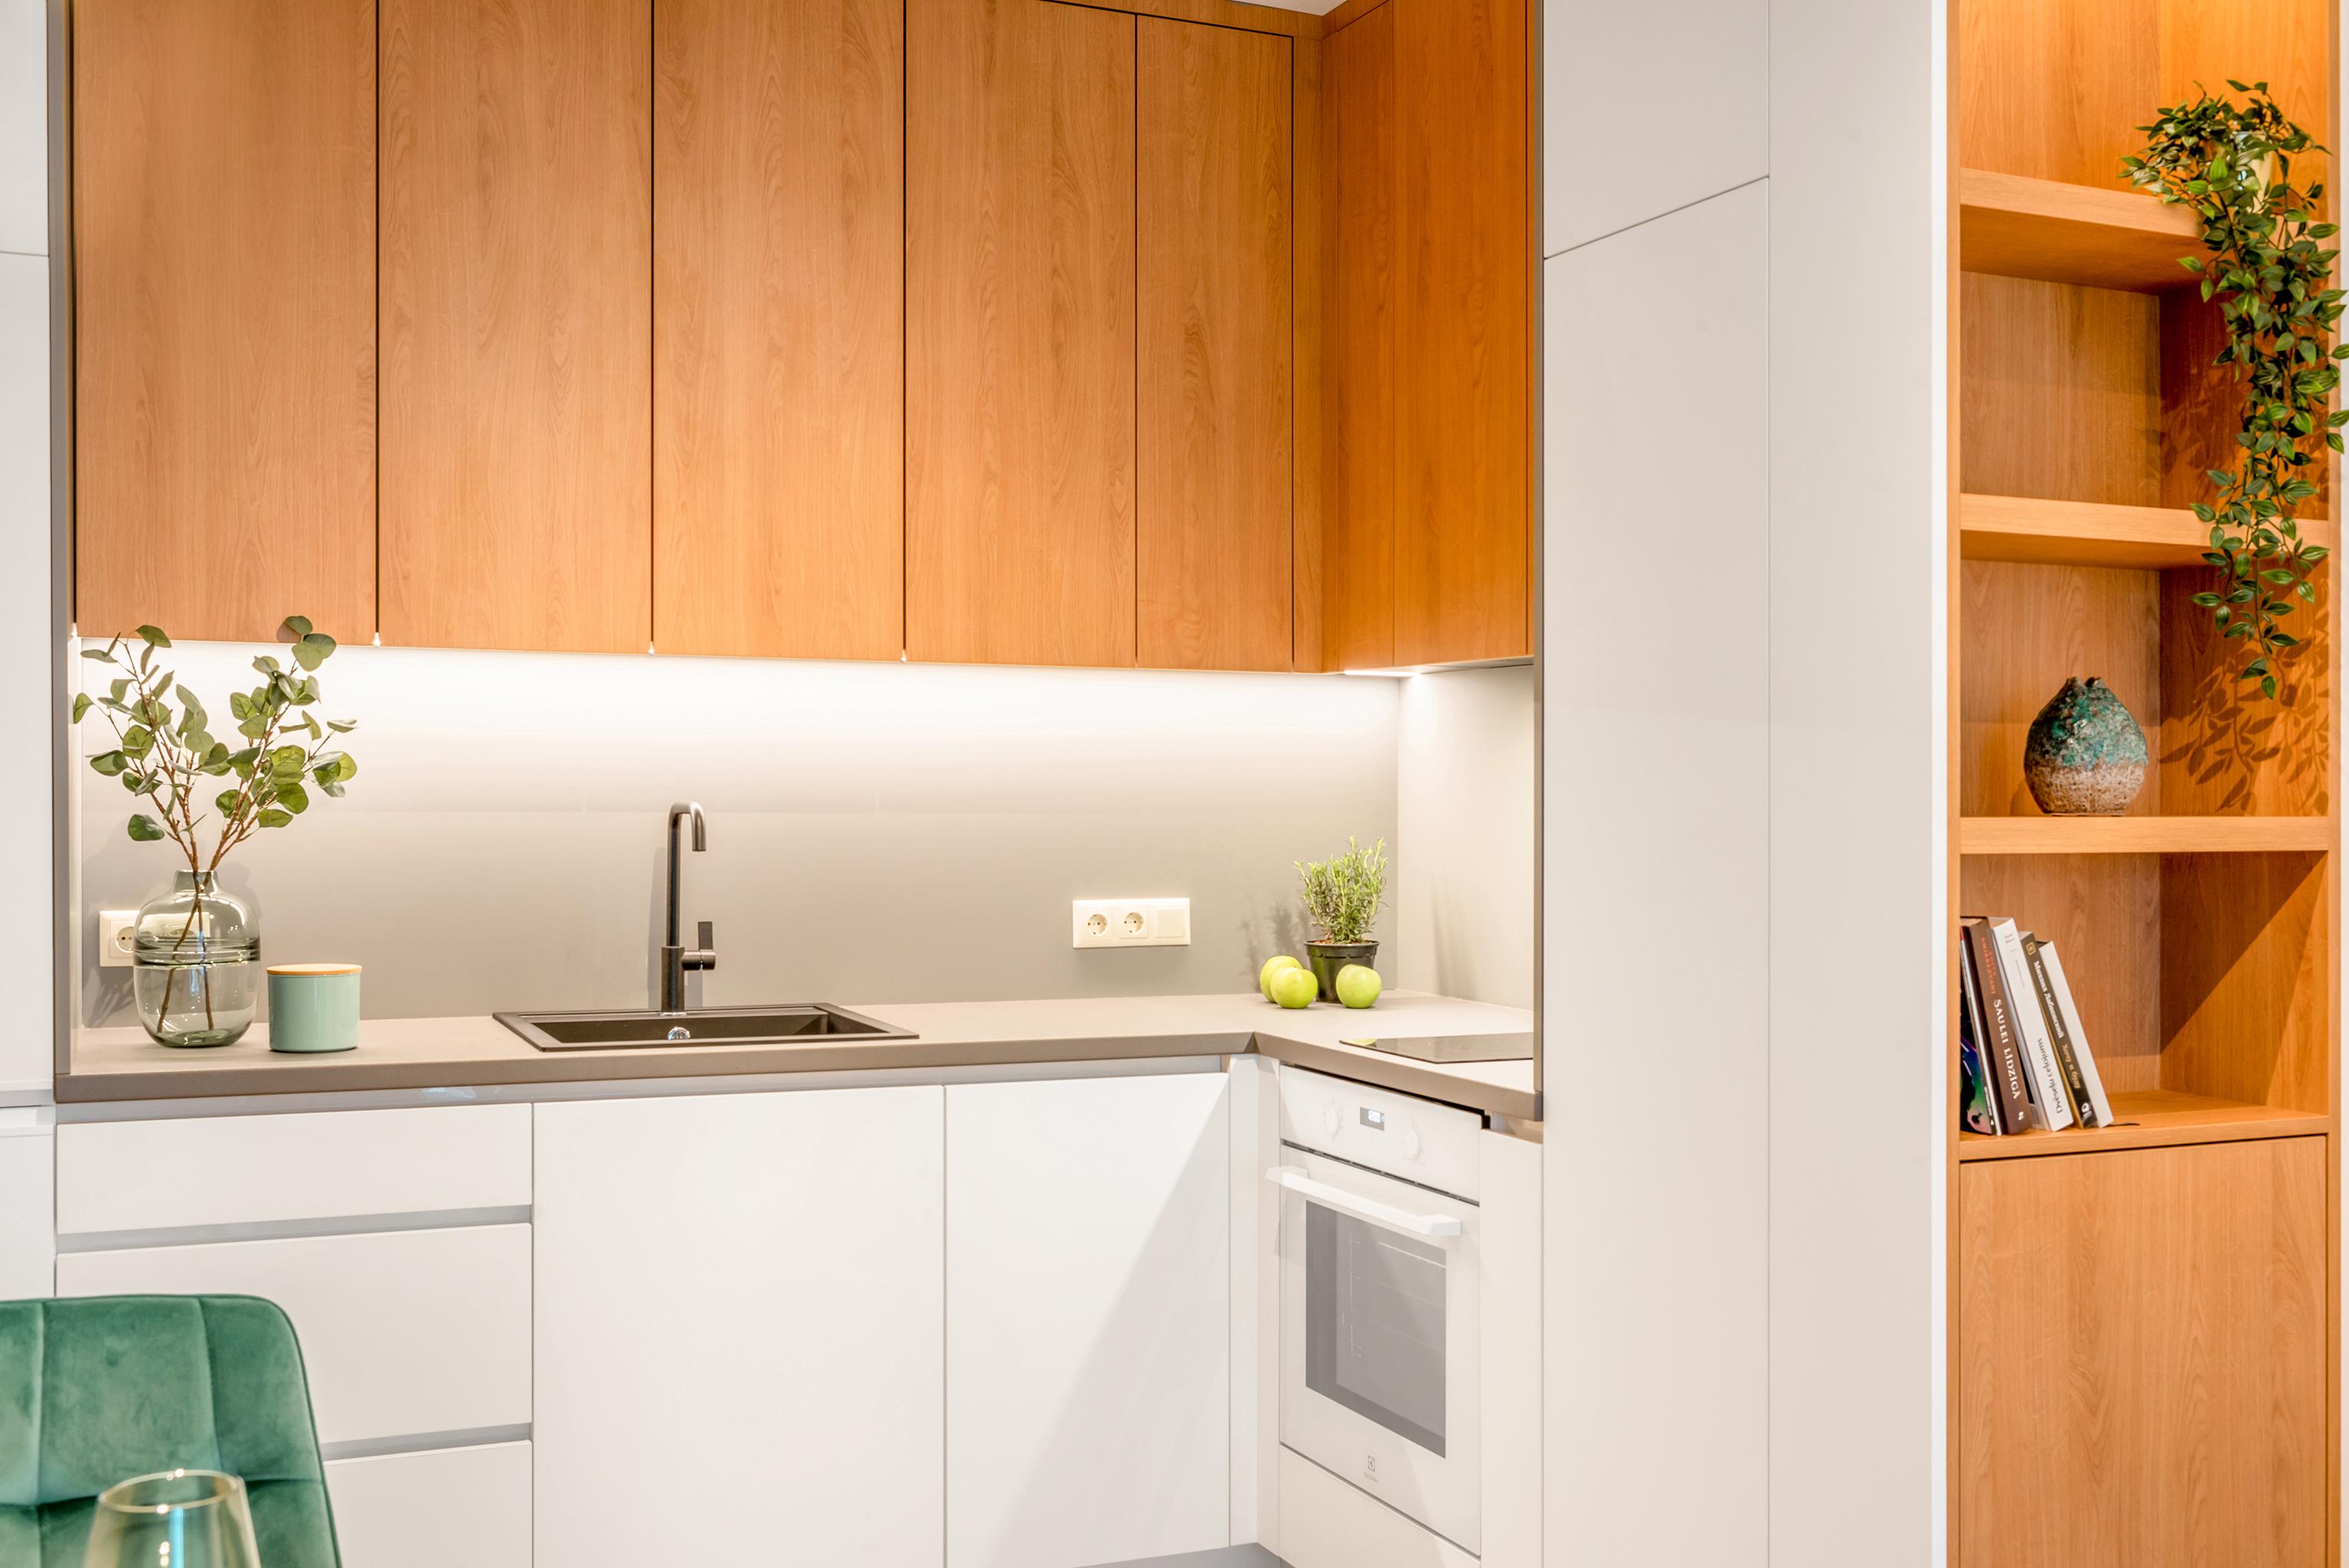 Virtuves pēc individuāla pasūtījuma - Alberomebeles.lv